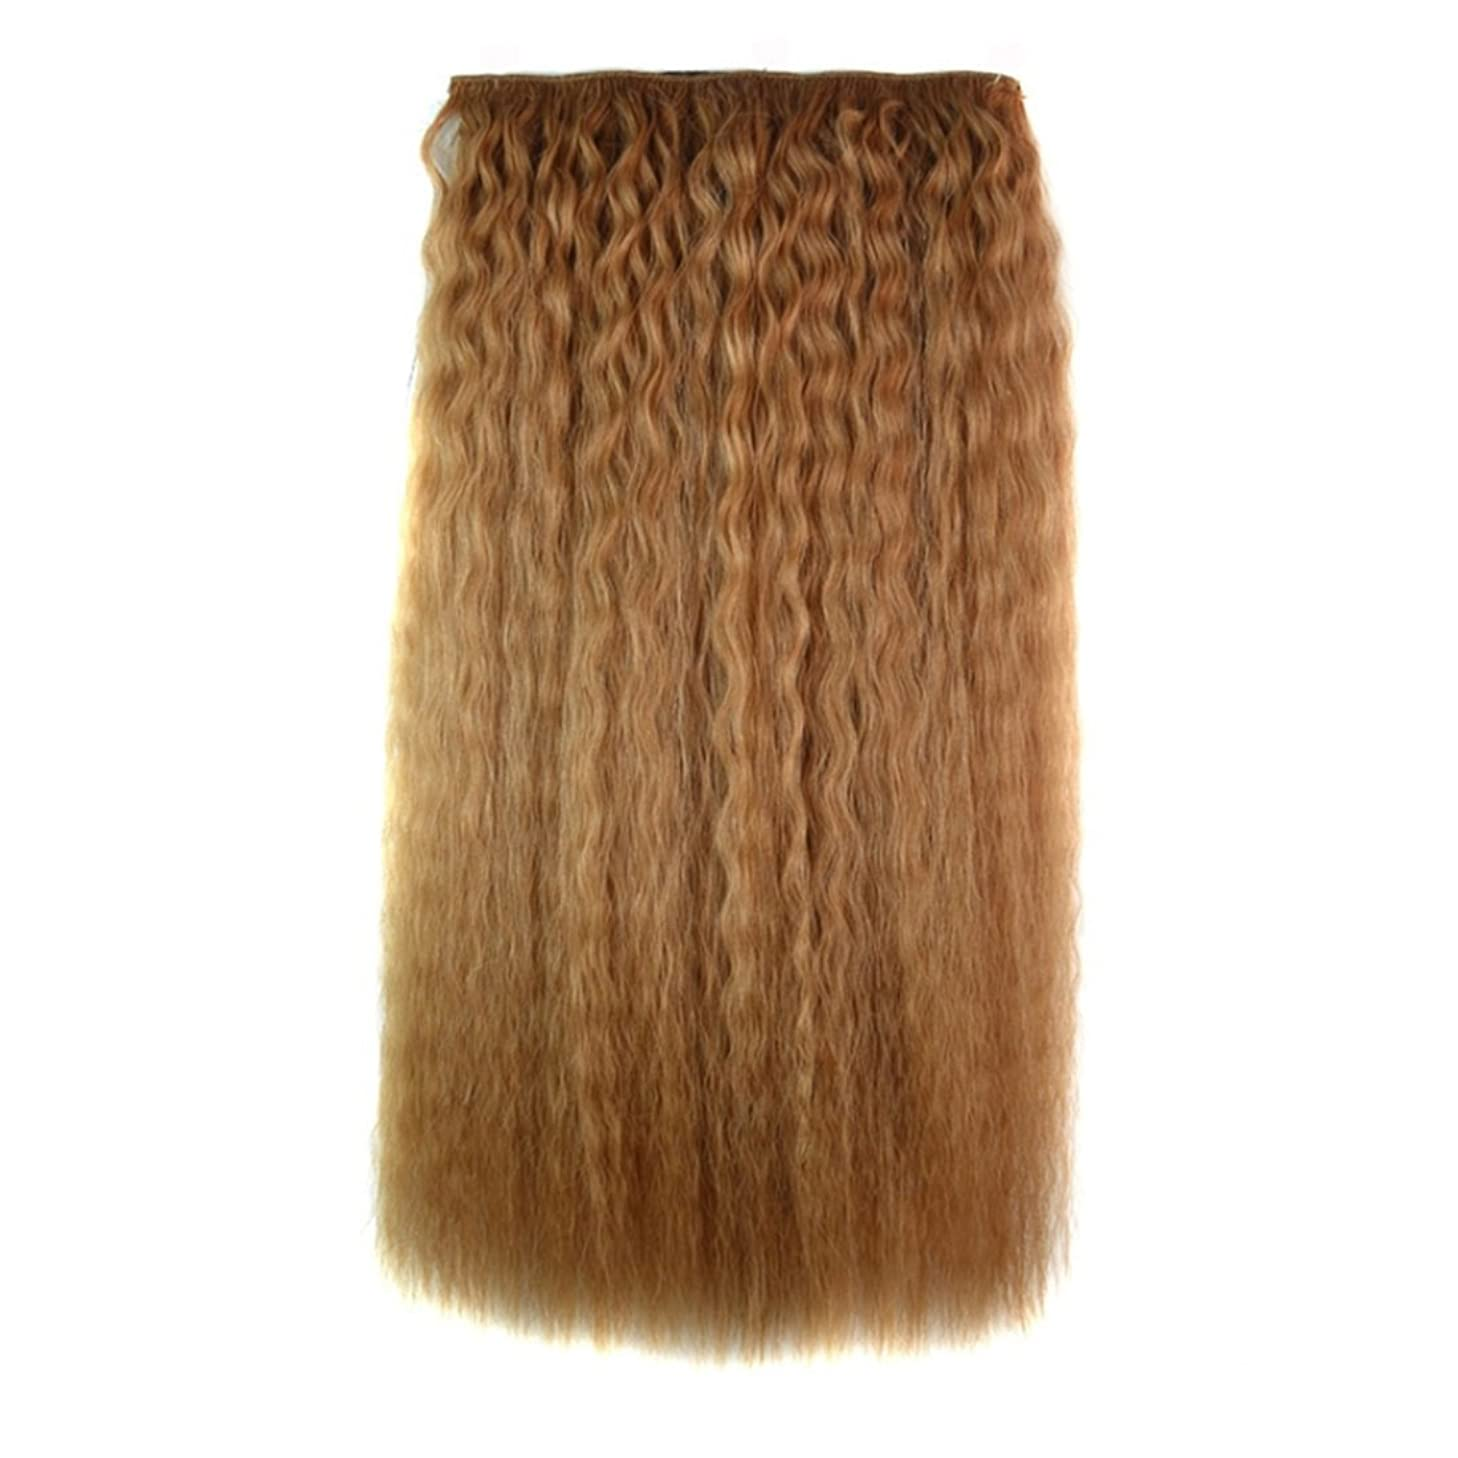 いつ消費者十二JIANFU コーンホットファイブカードウィッグピースのためのナチュラルリアルなシームレスカールヘアエクステンション50センチメートルナチュラルライトブラウンヘアピース (Color : Light brown)